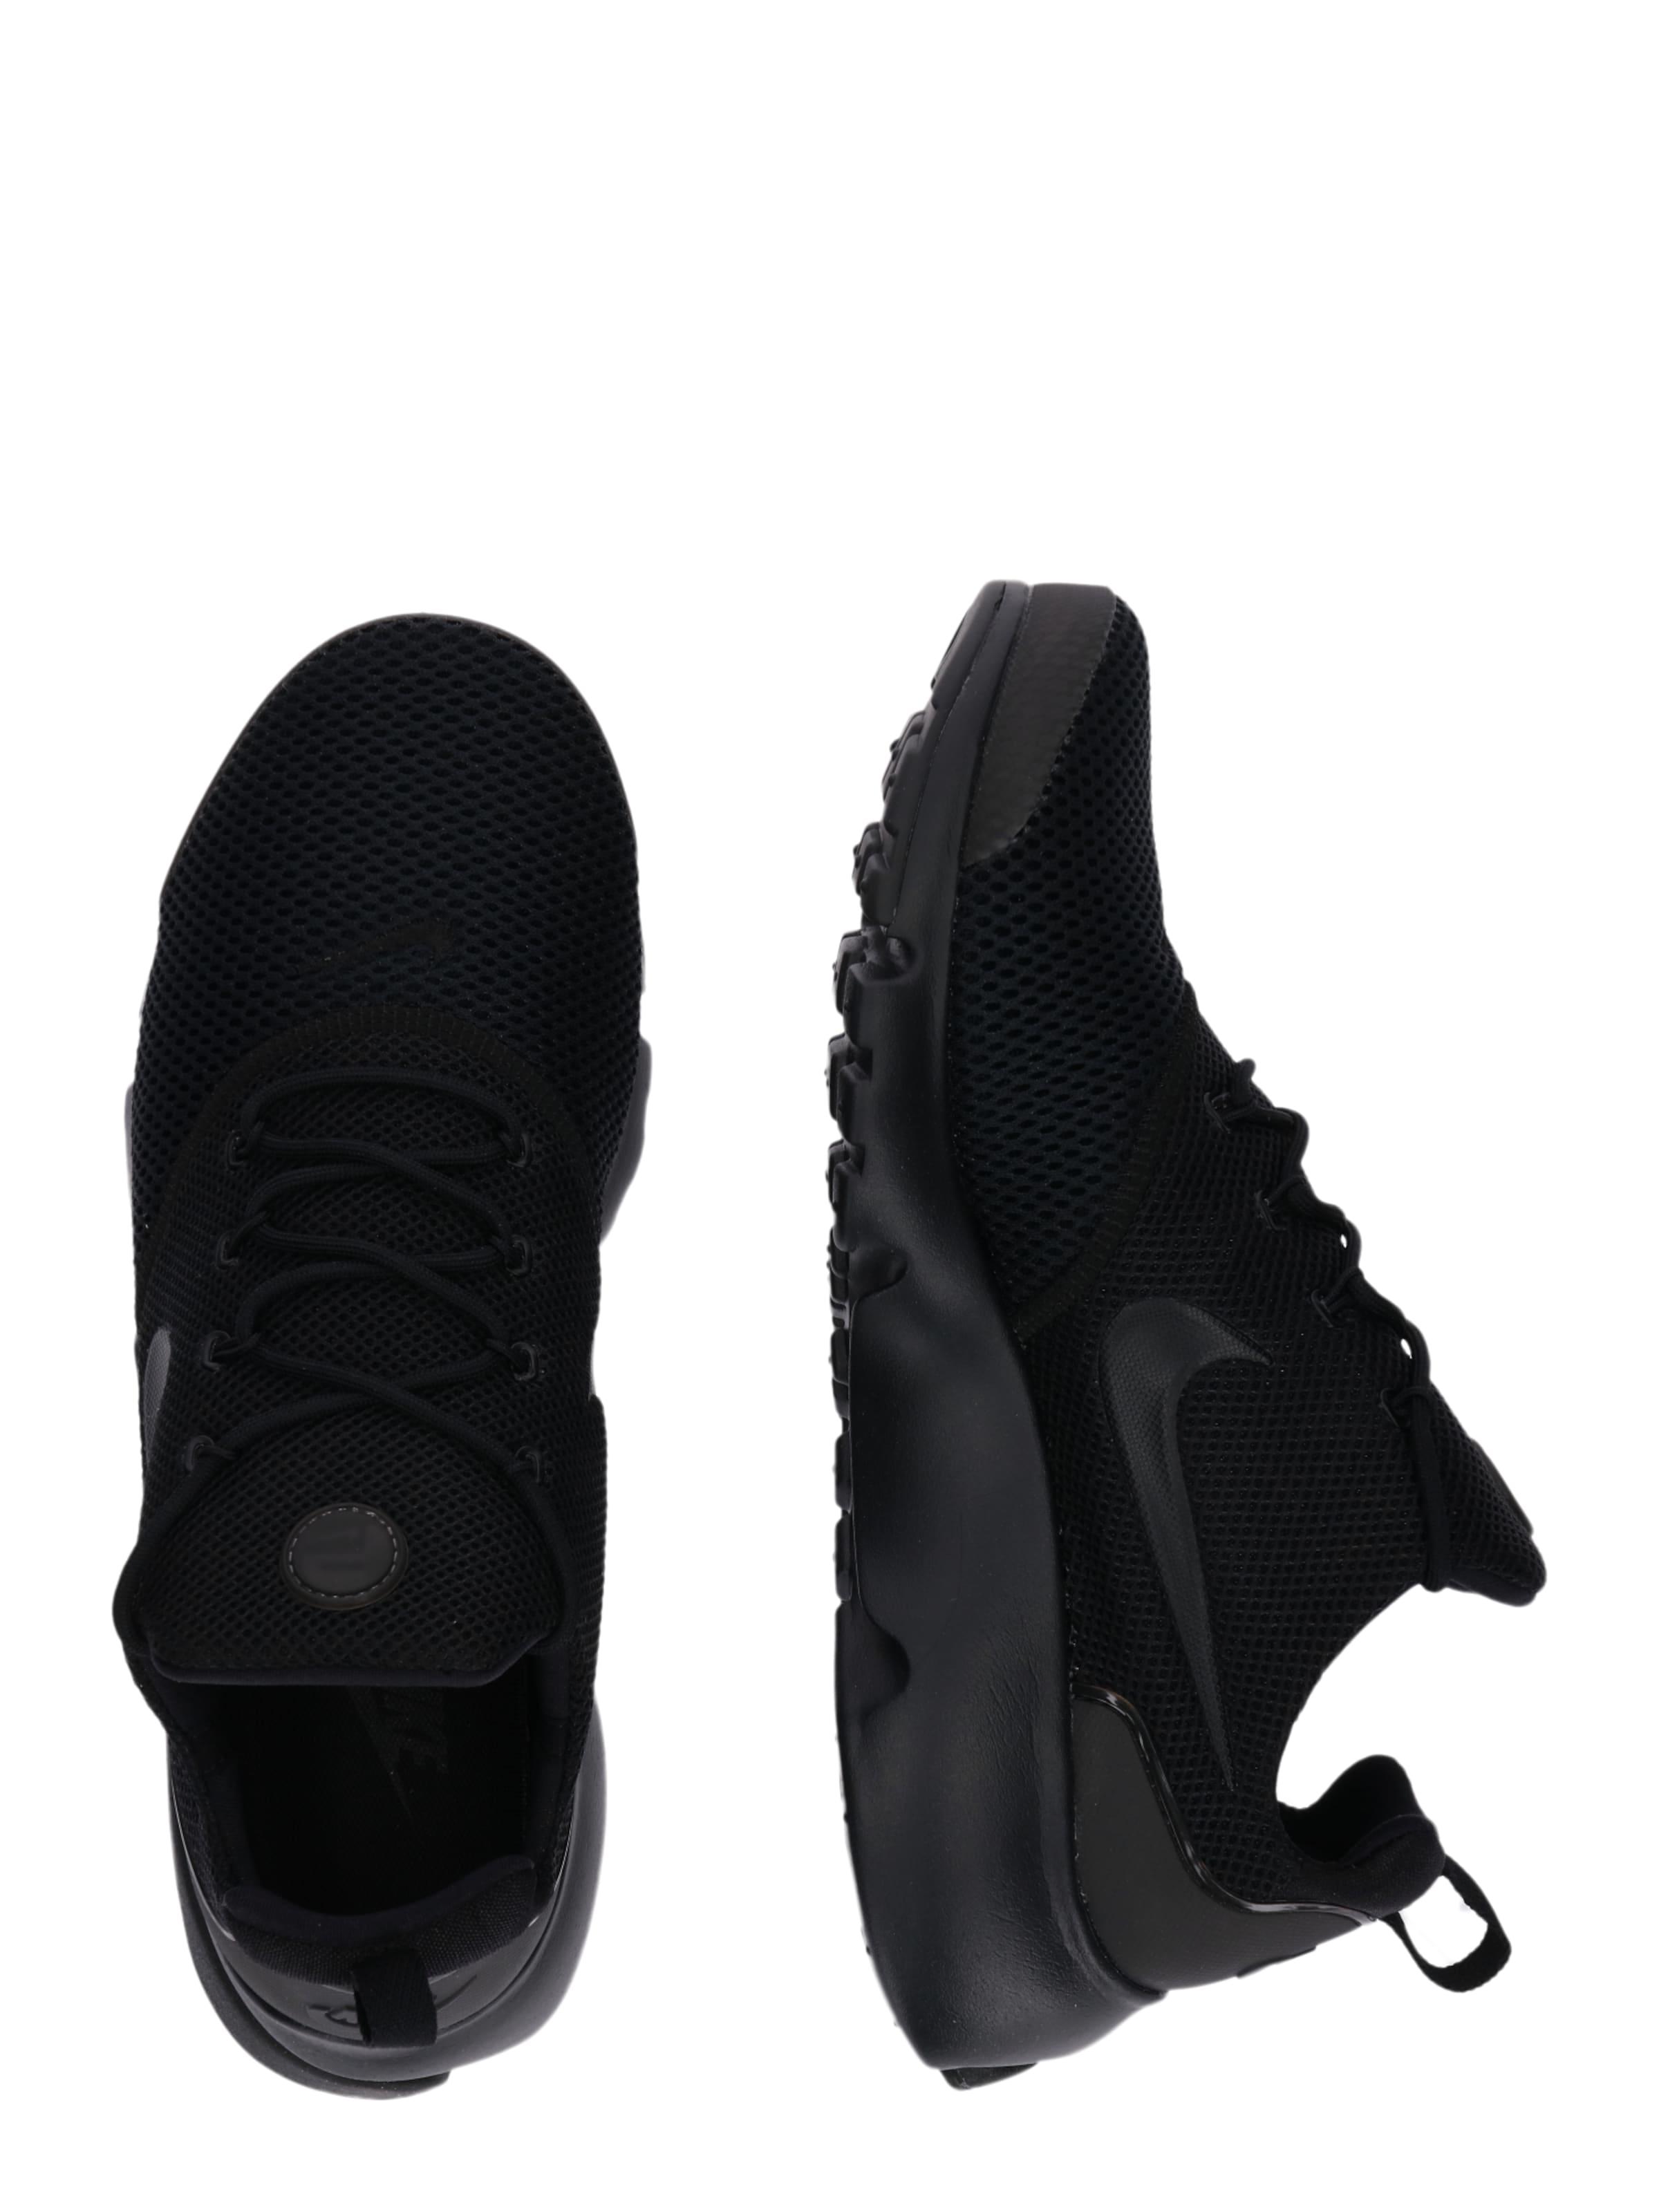 Sportswear Basses Baskets En 'presto Noir Nike Fly' 2e9WHEDIY